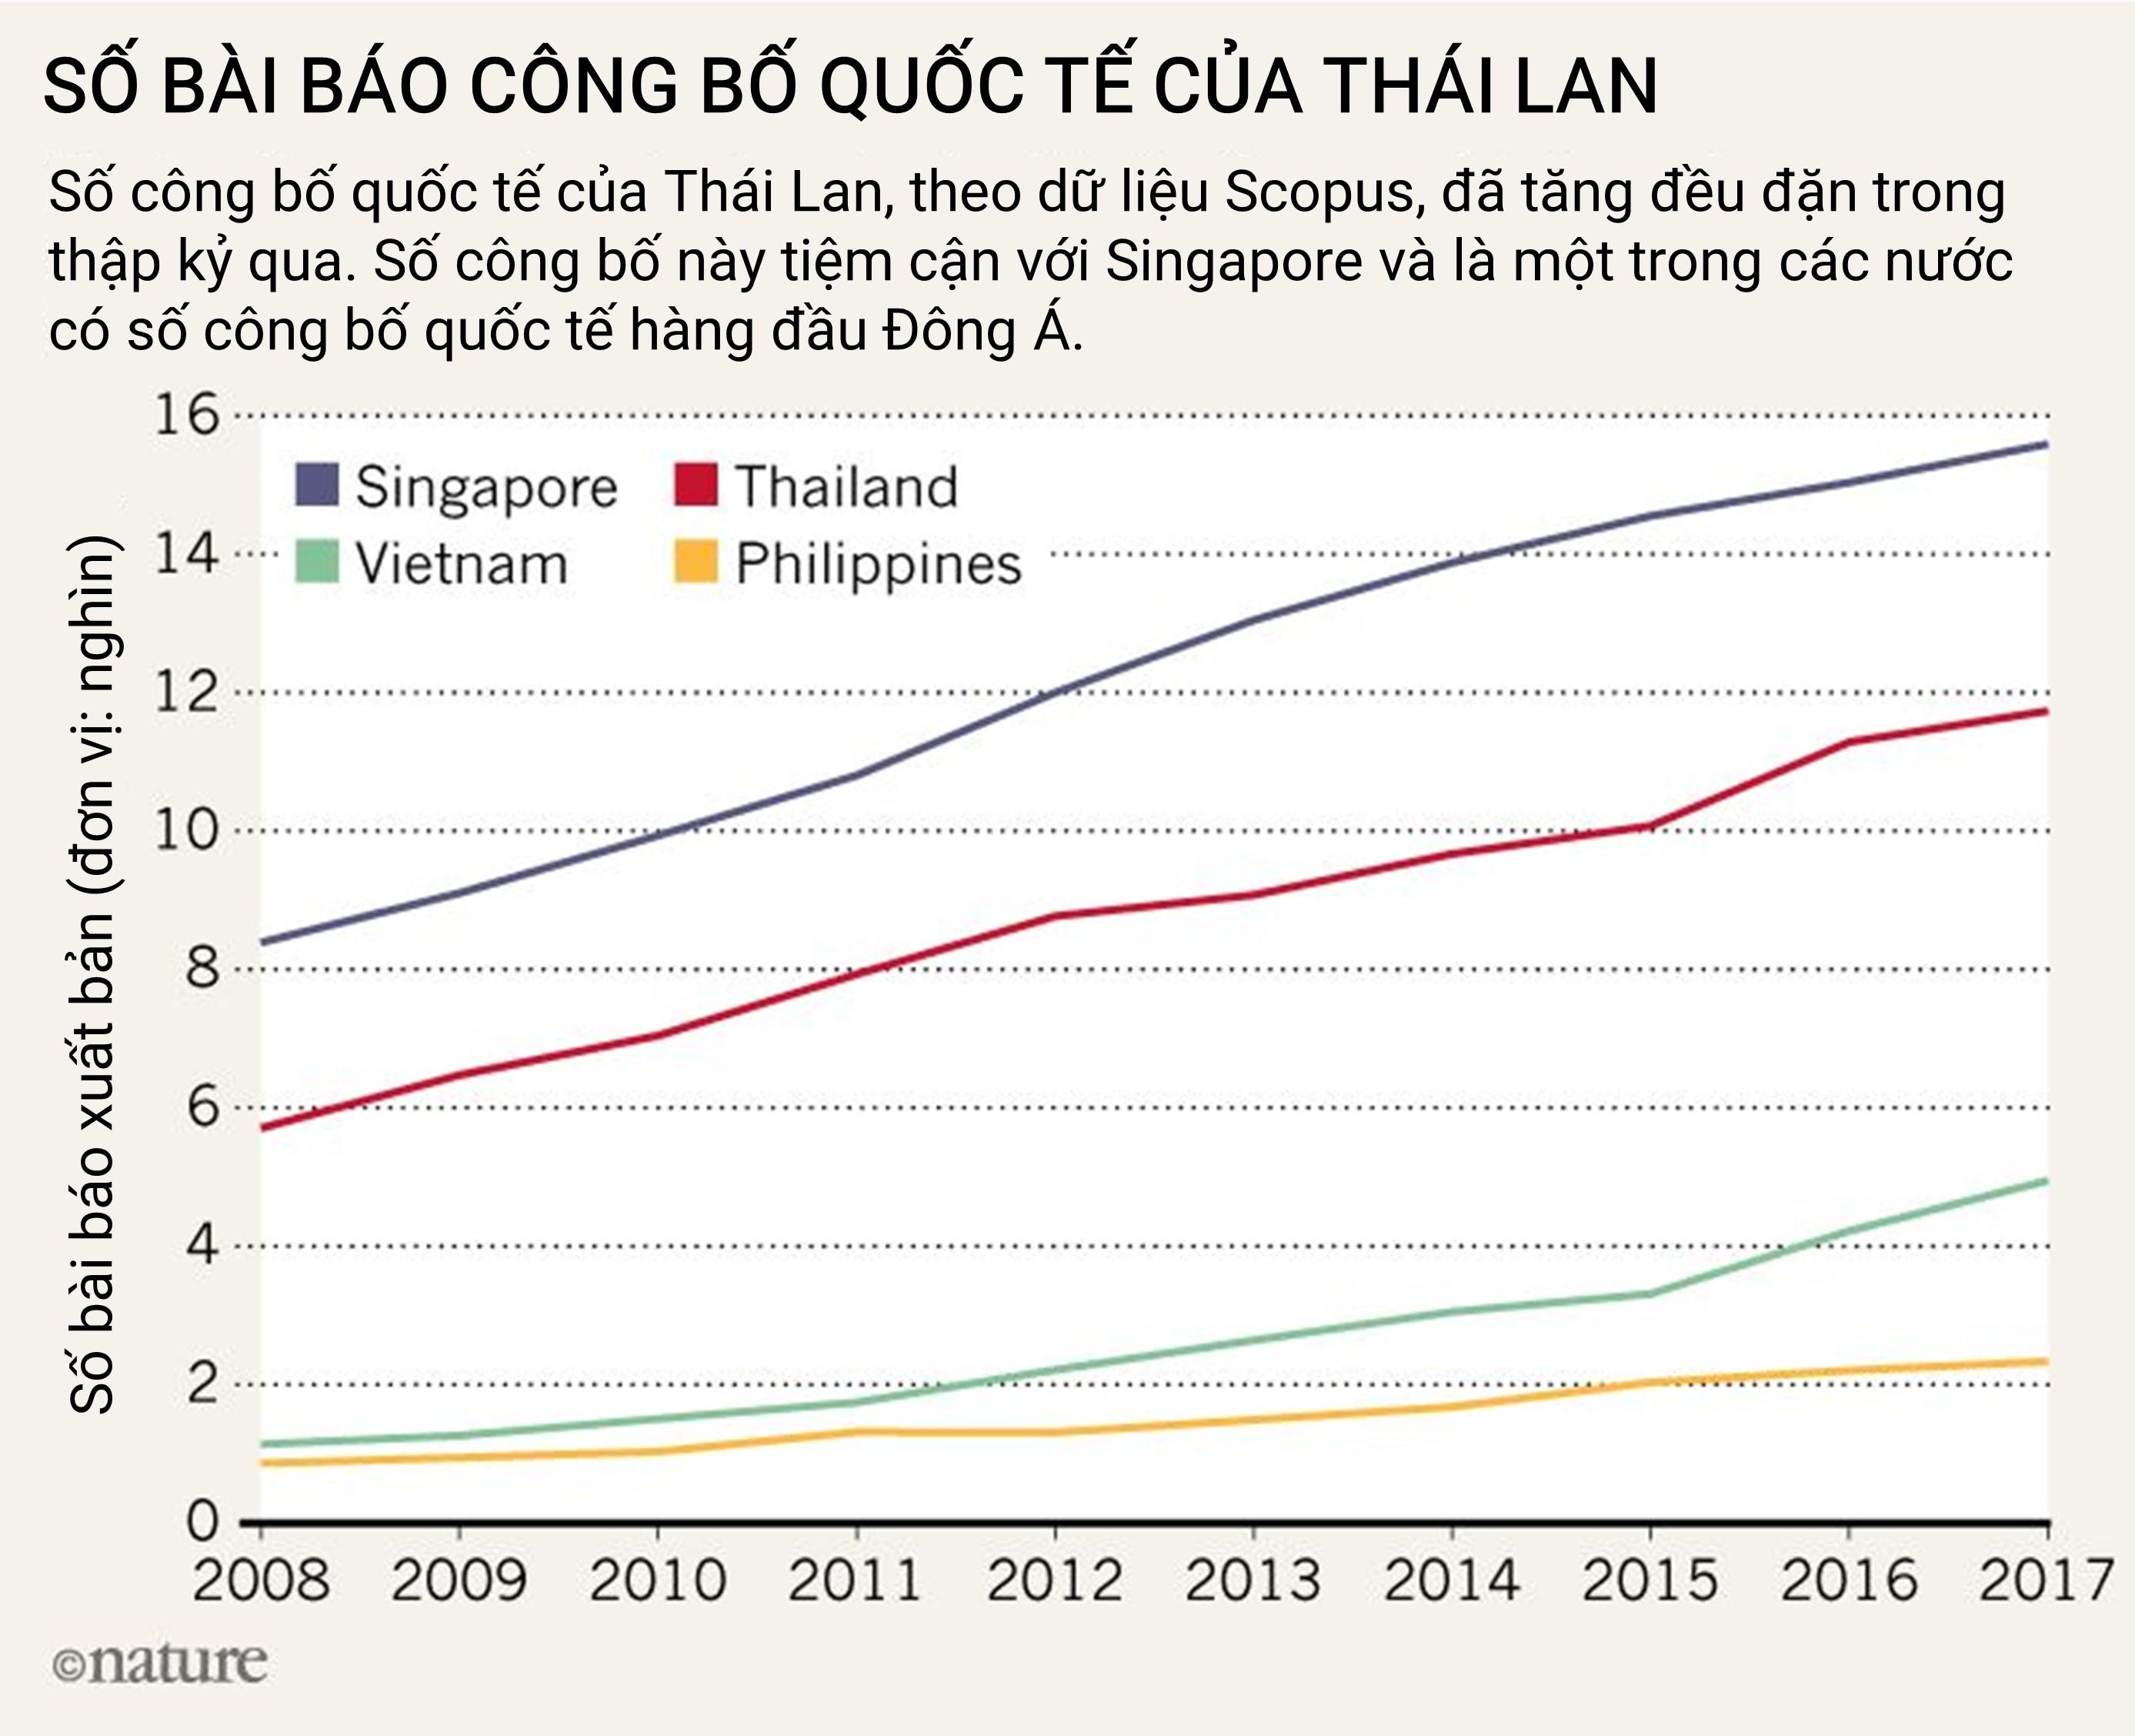 Số bài báo công bố quốc tế của Thái Lan trong 10 năm. Ảnh: Nature